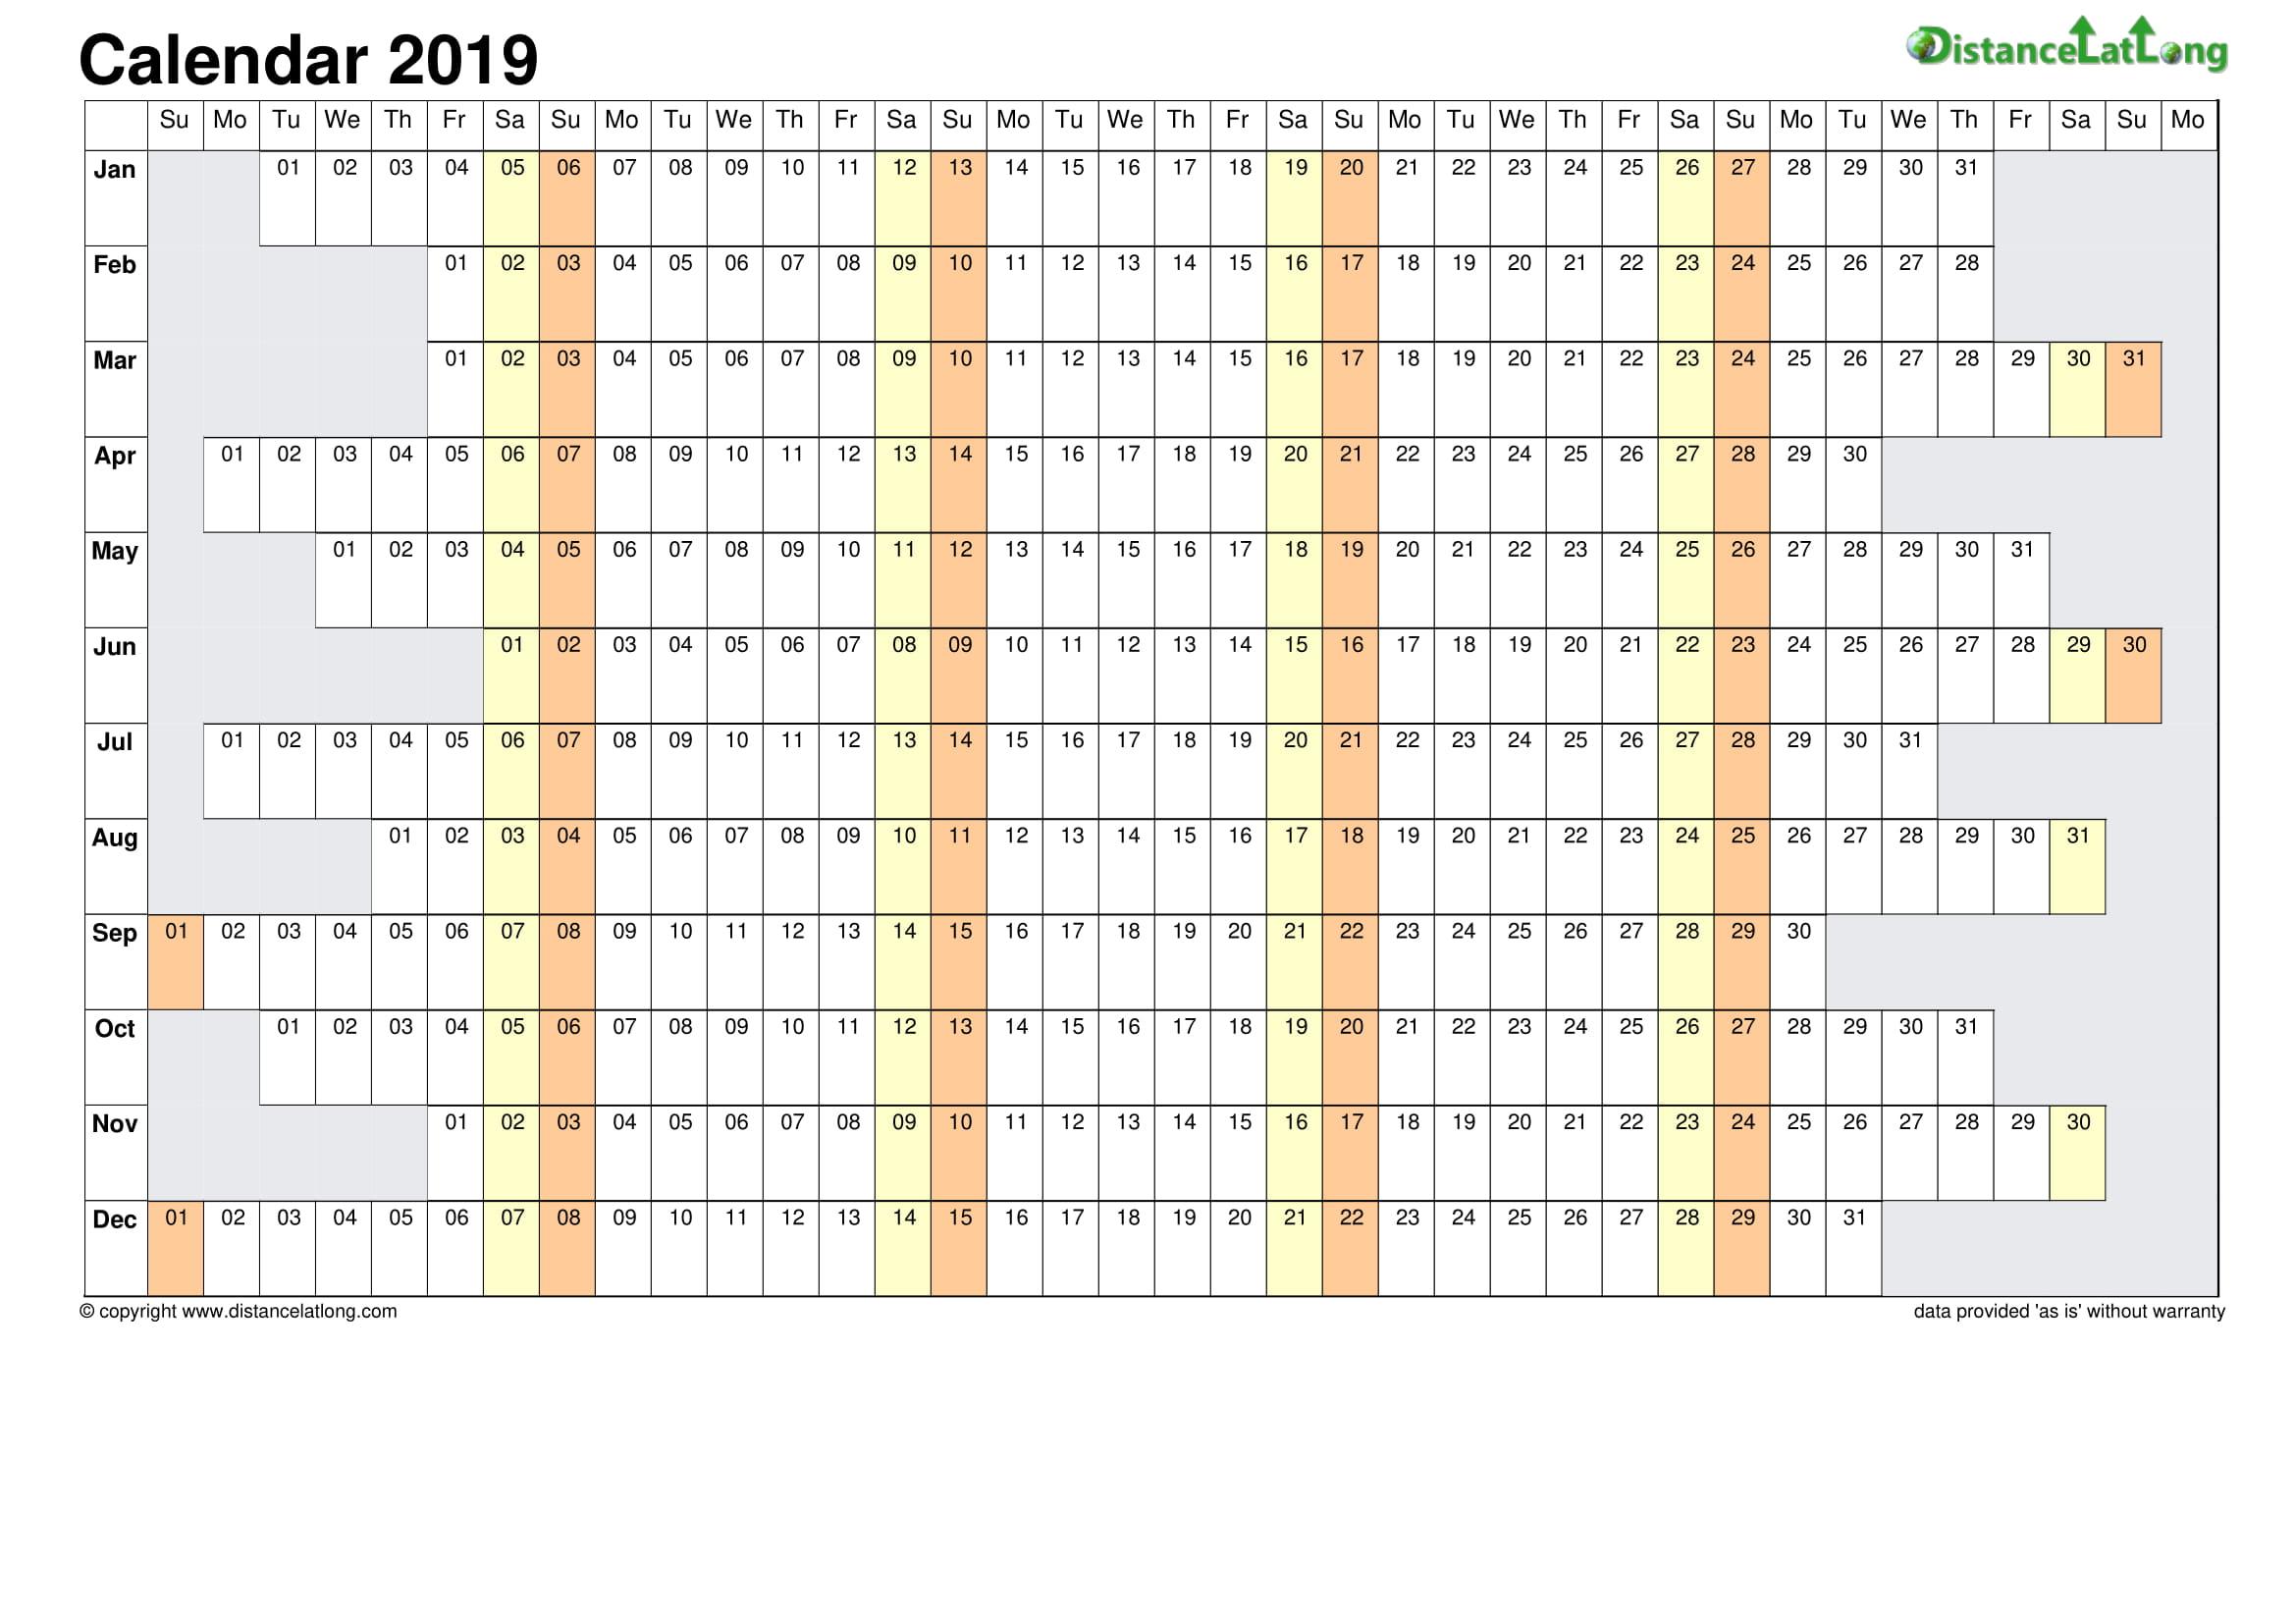 Blank 2019 Calendar Template from www.distancelatlong.com